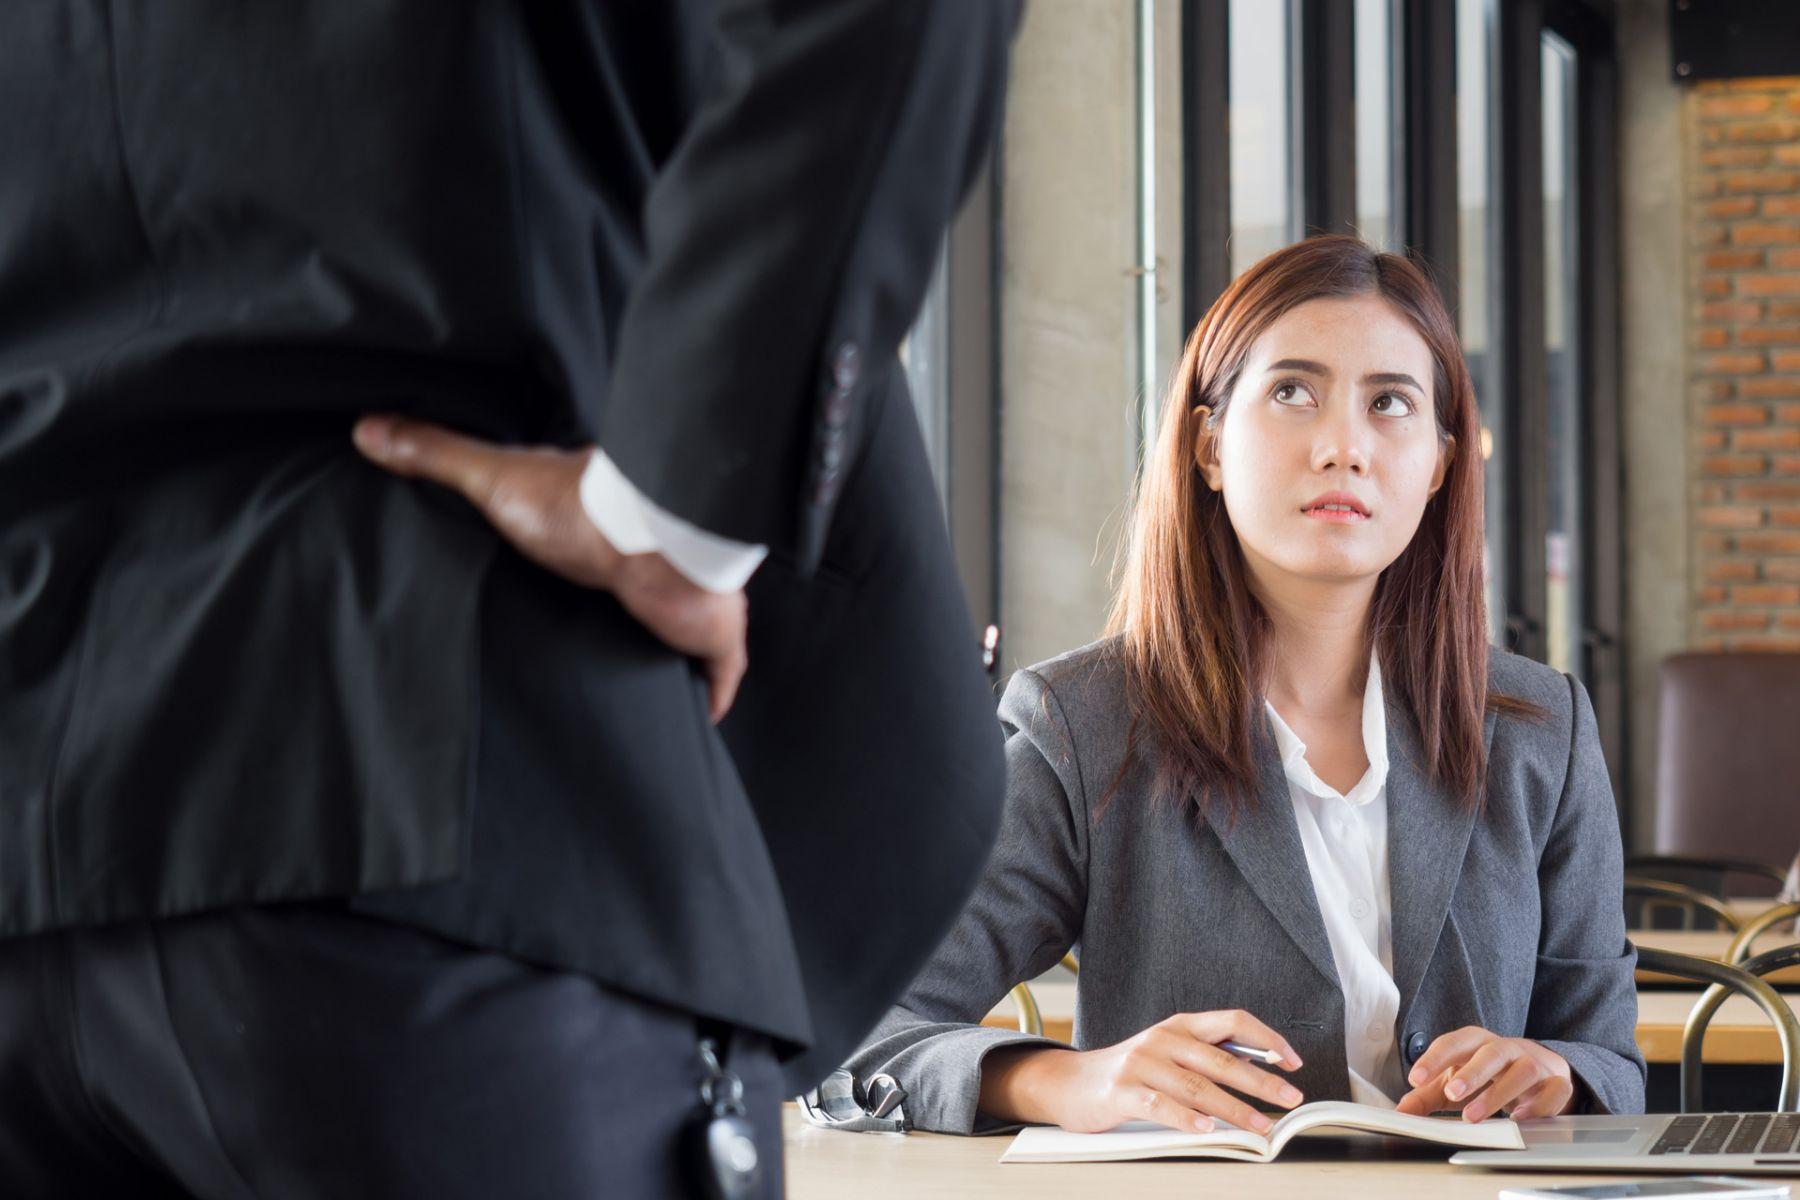 老闆是工作狂,要你也奉陪,你能說不嗎?專家教你如何堅守原則